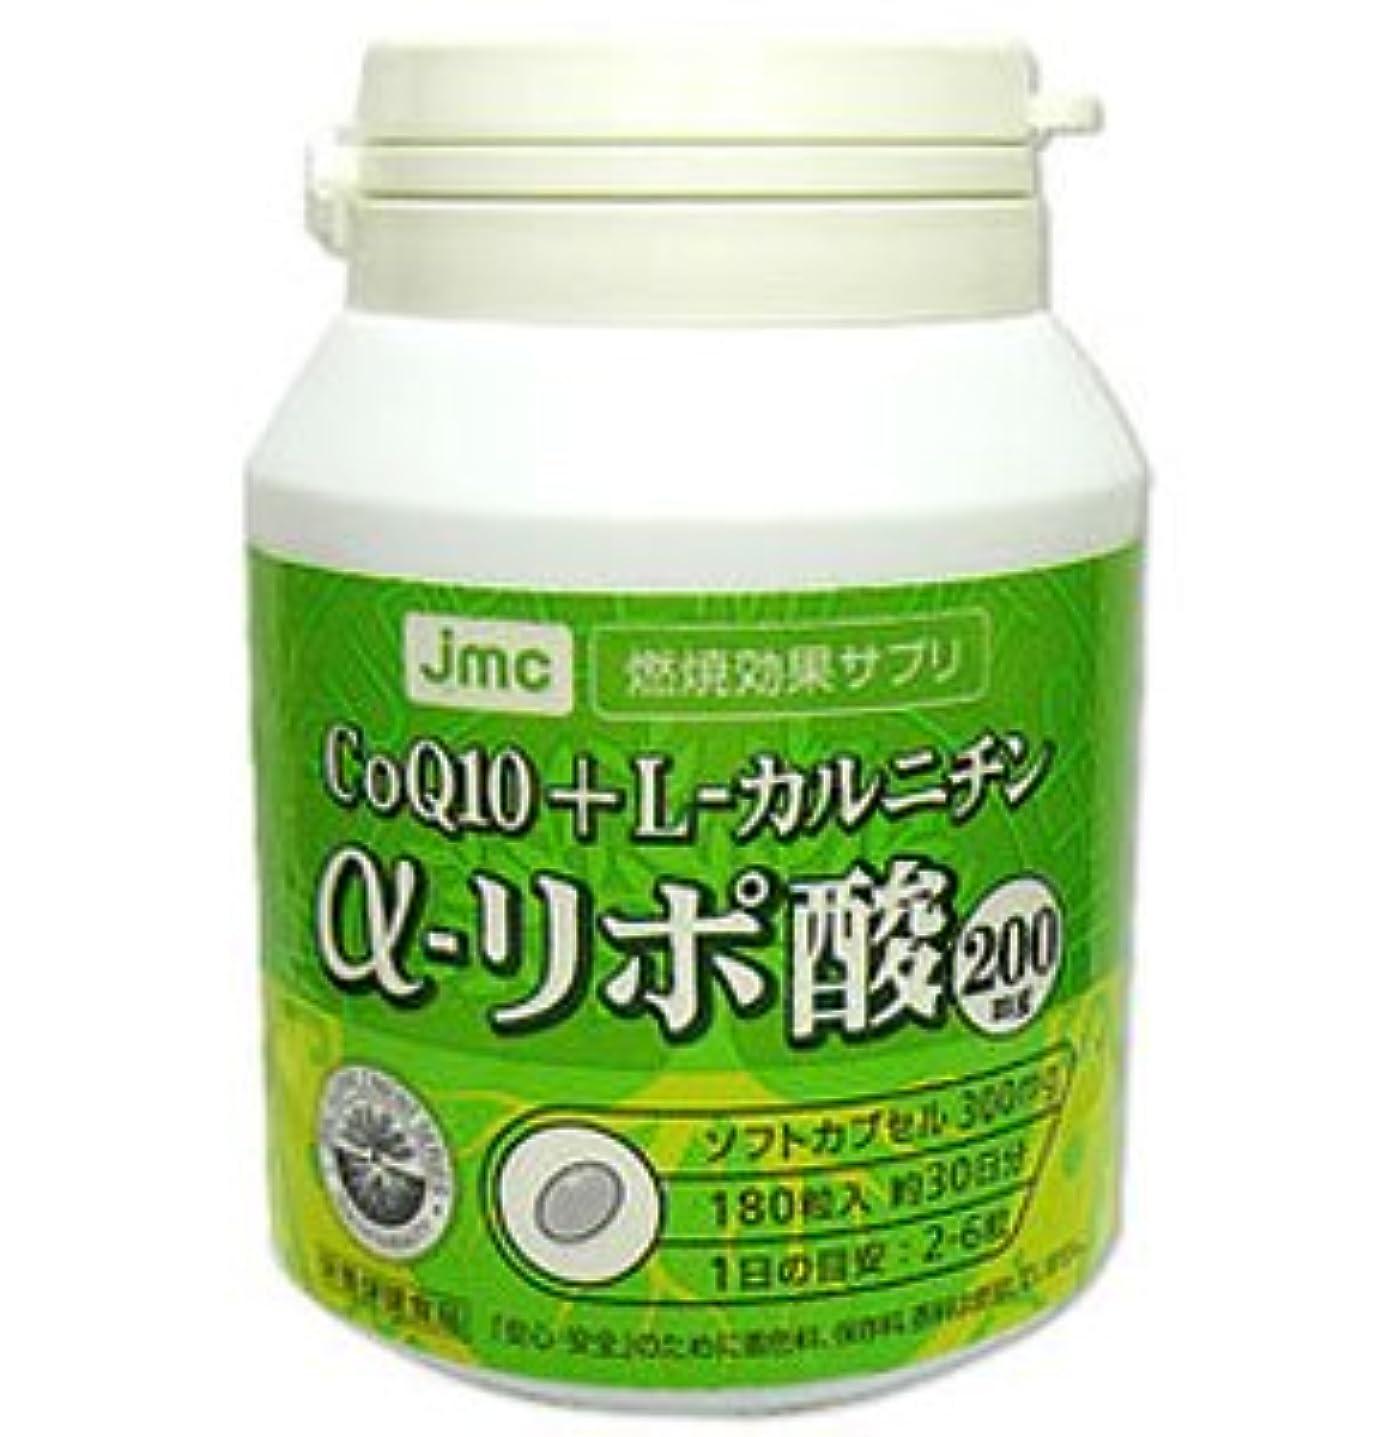 品さらに遺体安置所α-リポ酸200mg(αリポ酸、COQ10、L-カルニチン、共役リノール酸配合ダイエットサプリ)